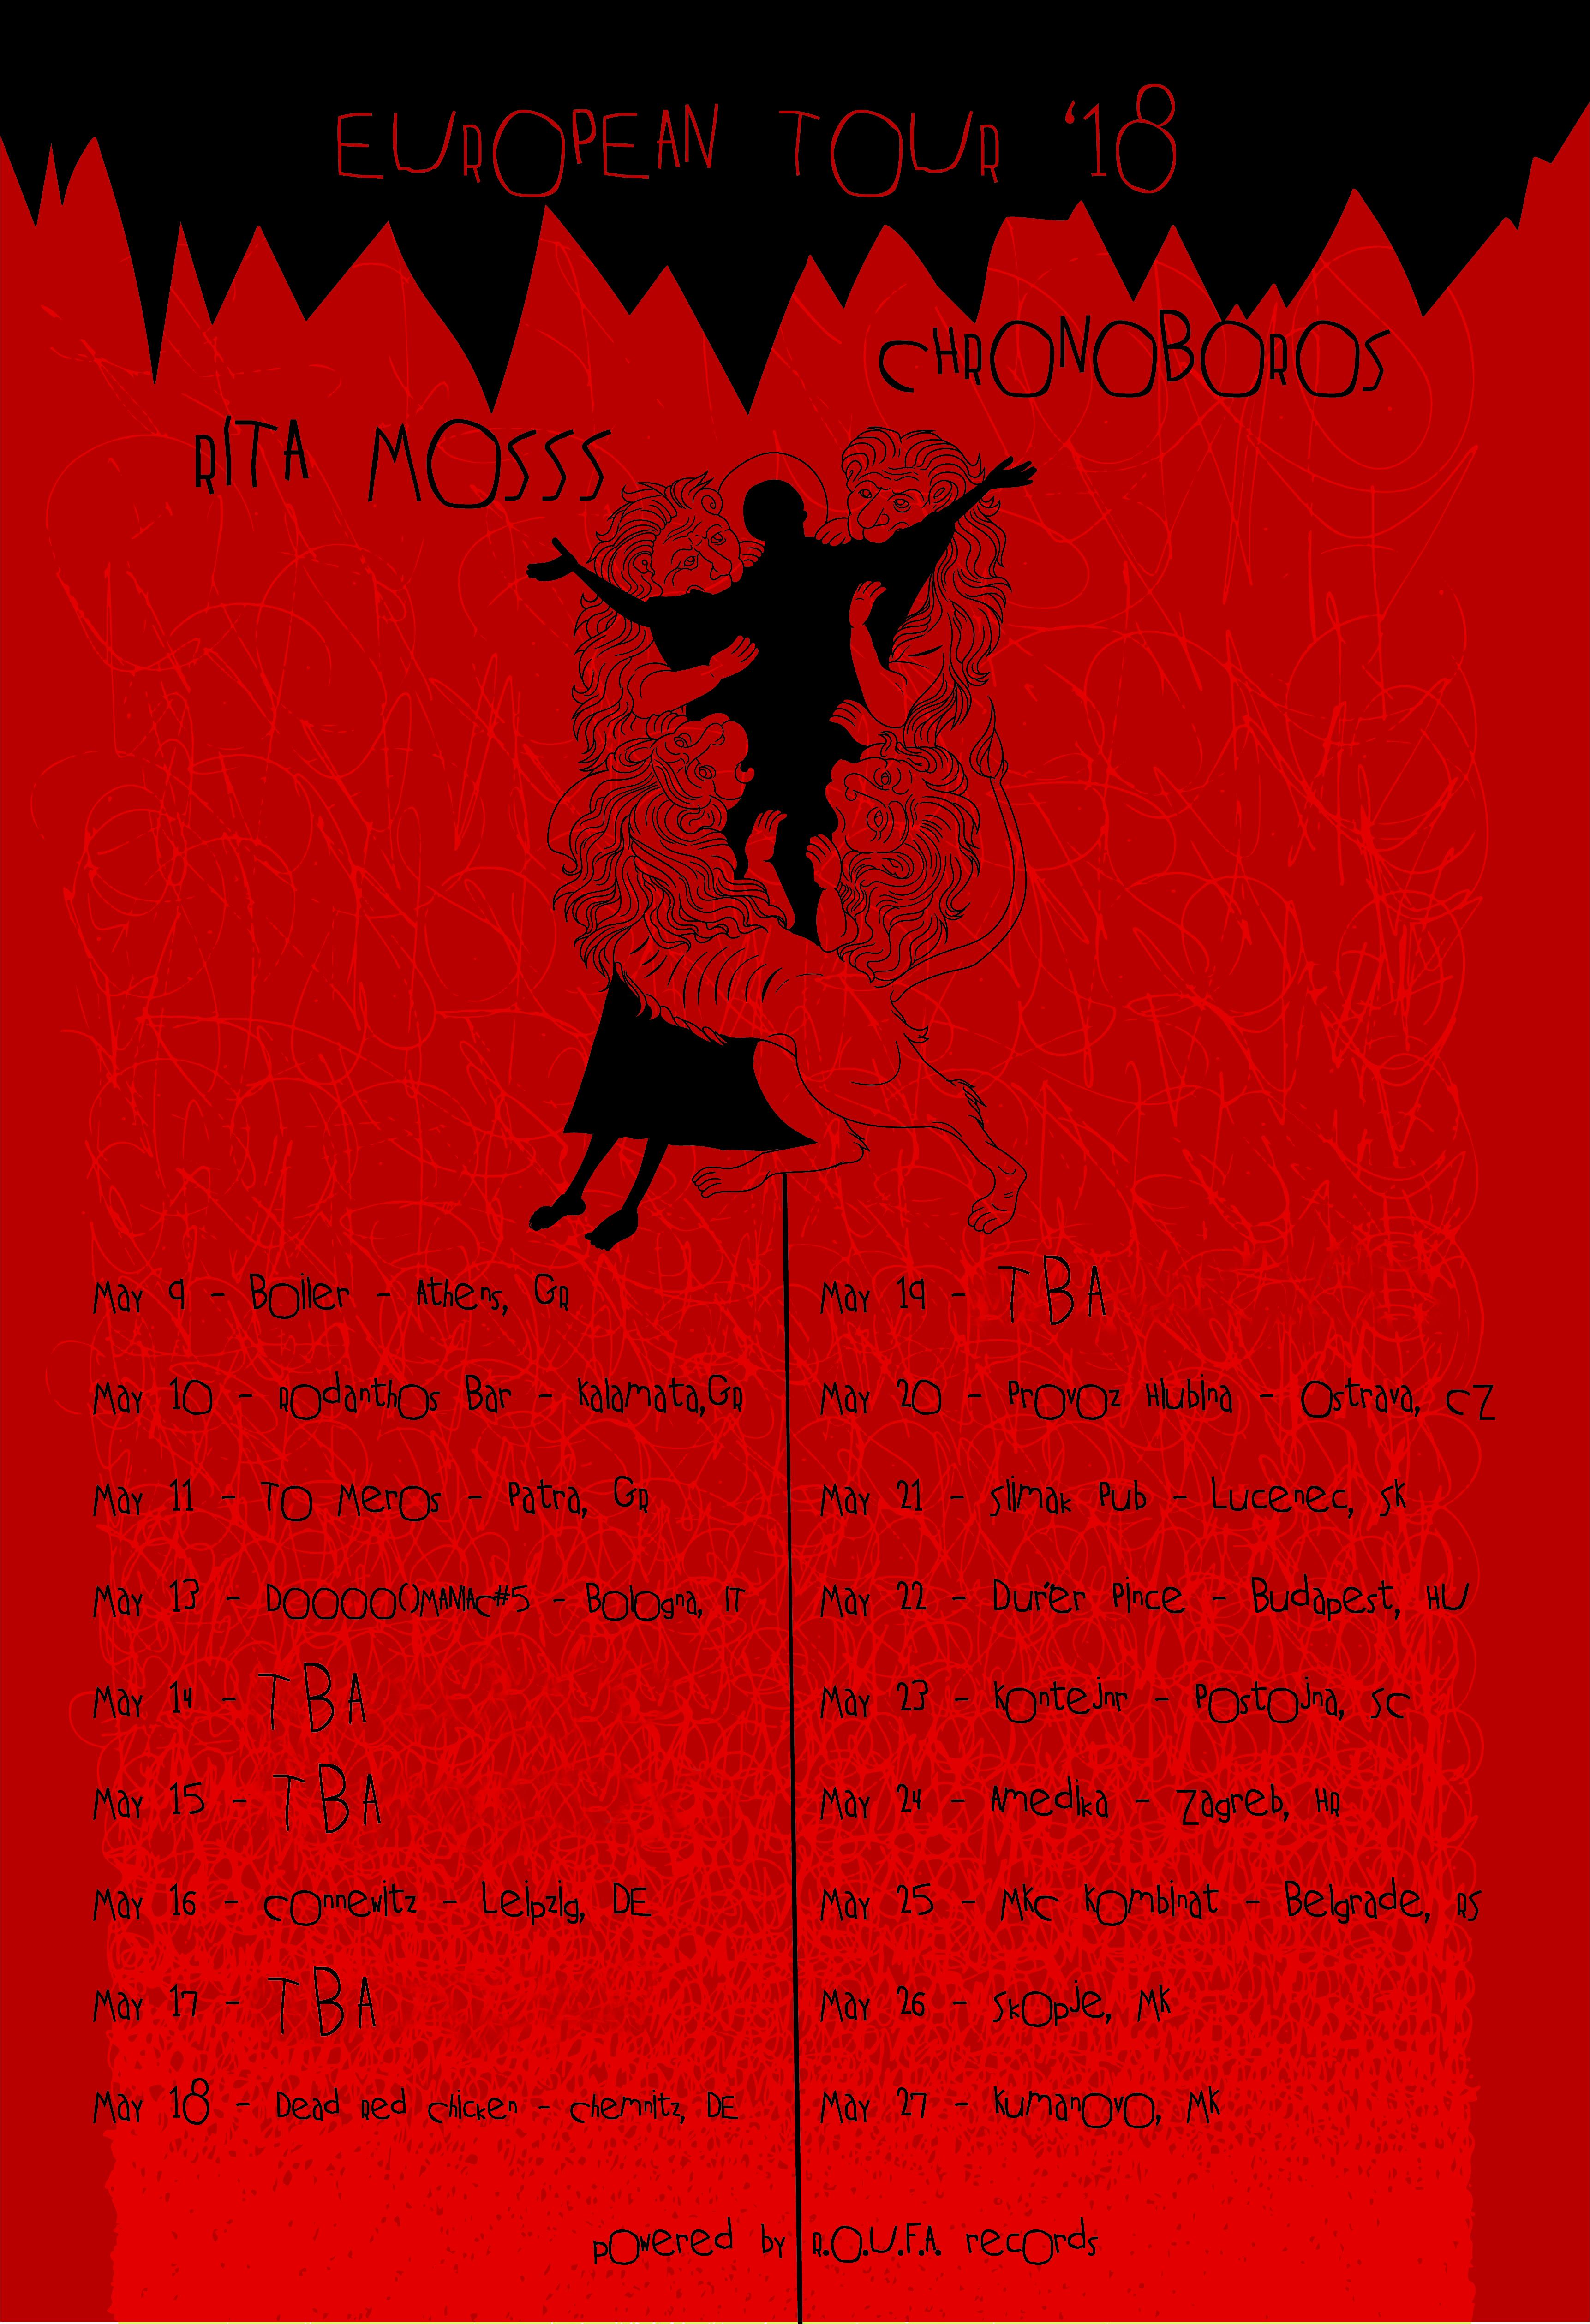 news/180905-rita-mosss-tour-announcement/rita-mosss-tour-poster.jpg